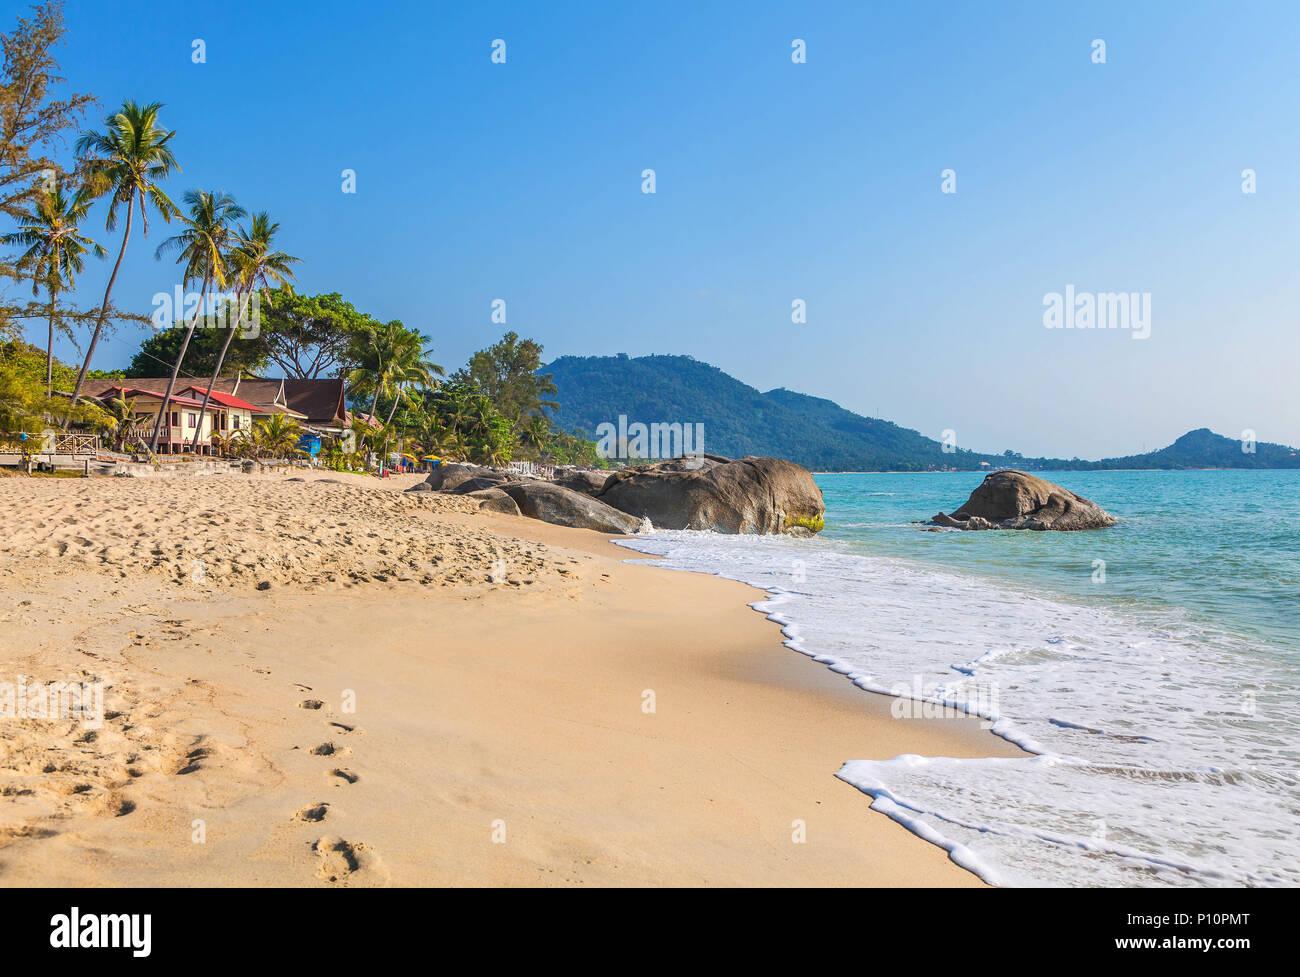 Amanecer sobre la isla Samui en Tailandia. La playa de Lamai. Foto de stock